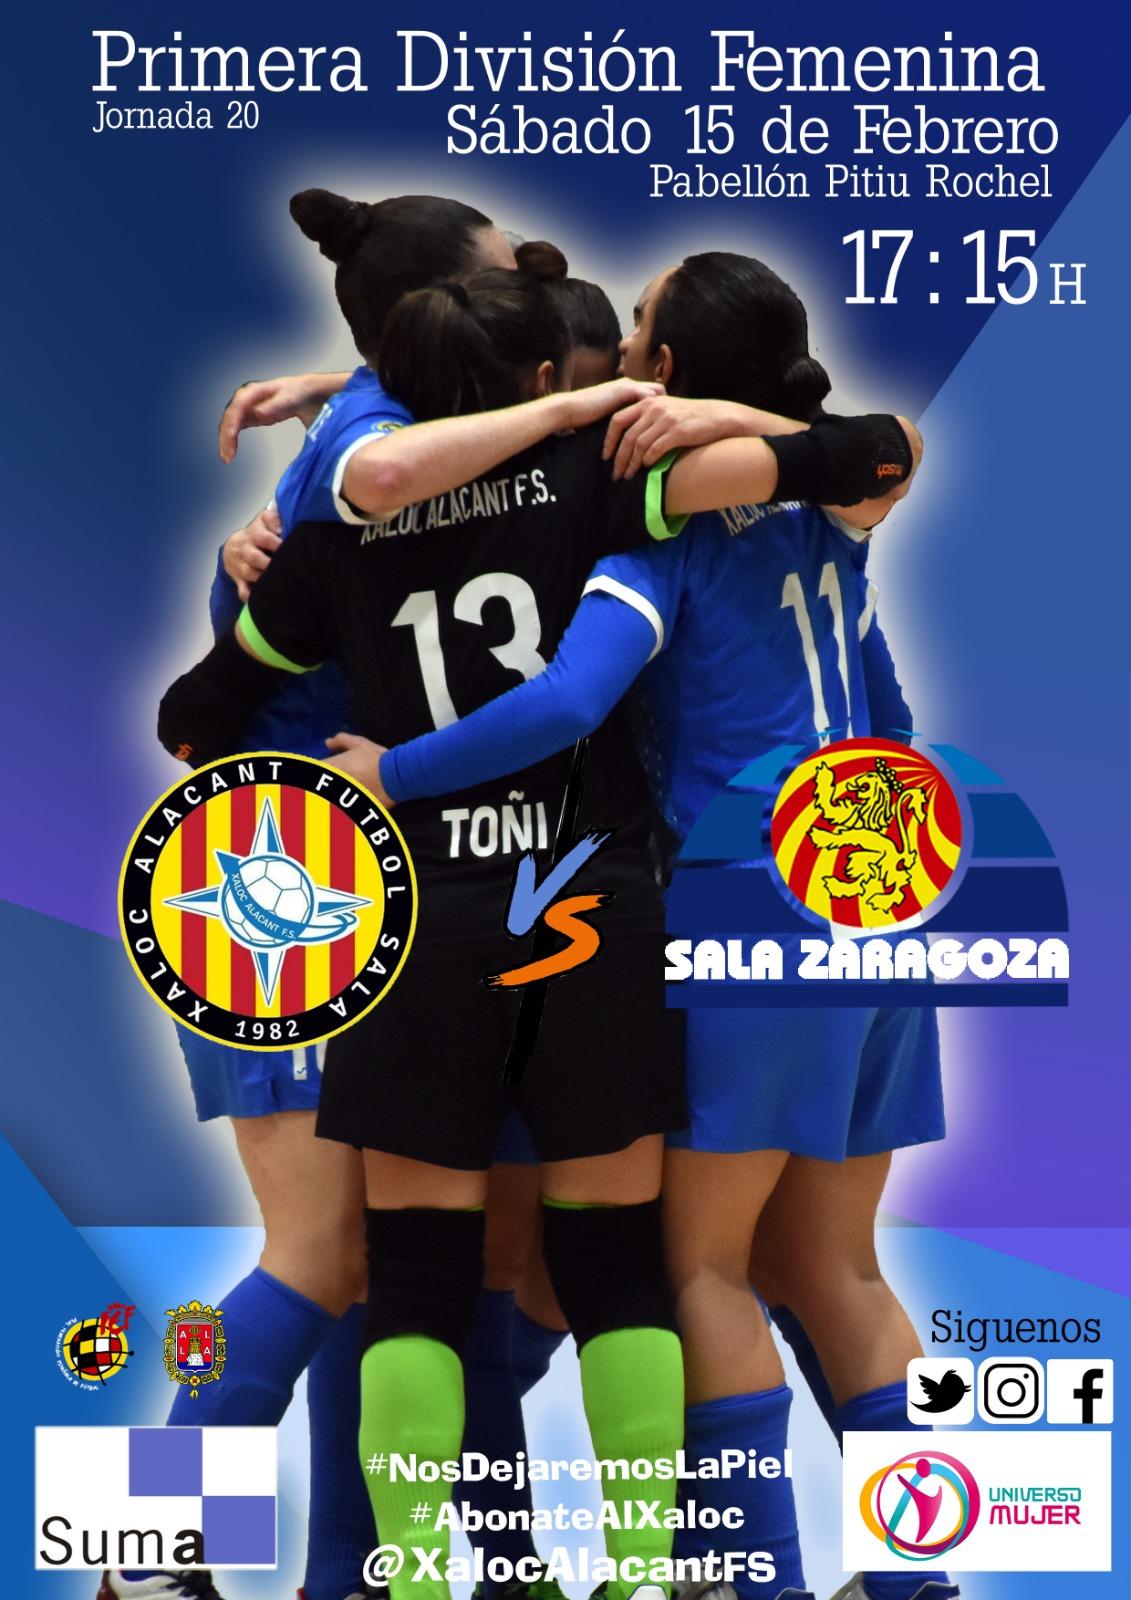 Previa: Xaloc Alacant - Sala Zaragoza. Jornada 20ª. 1ª División de Fútbol Sala Femenino